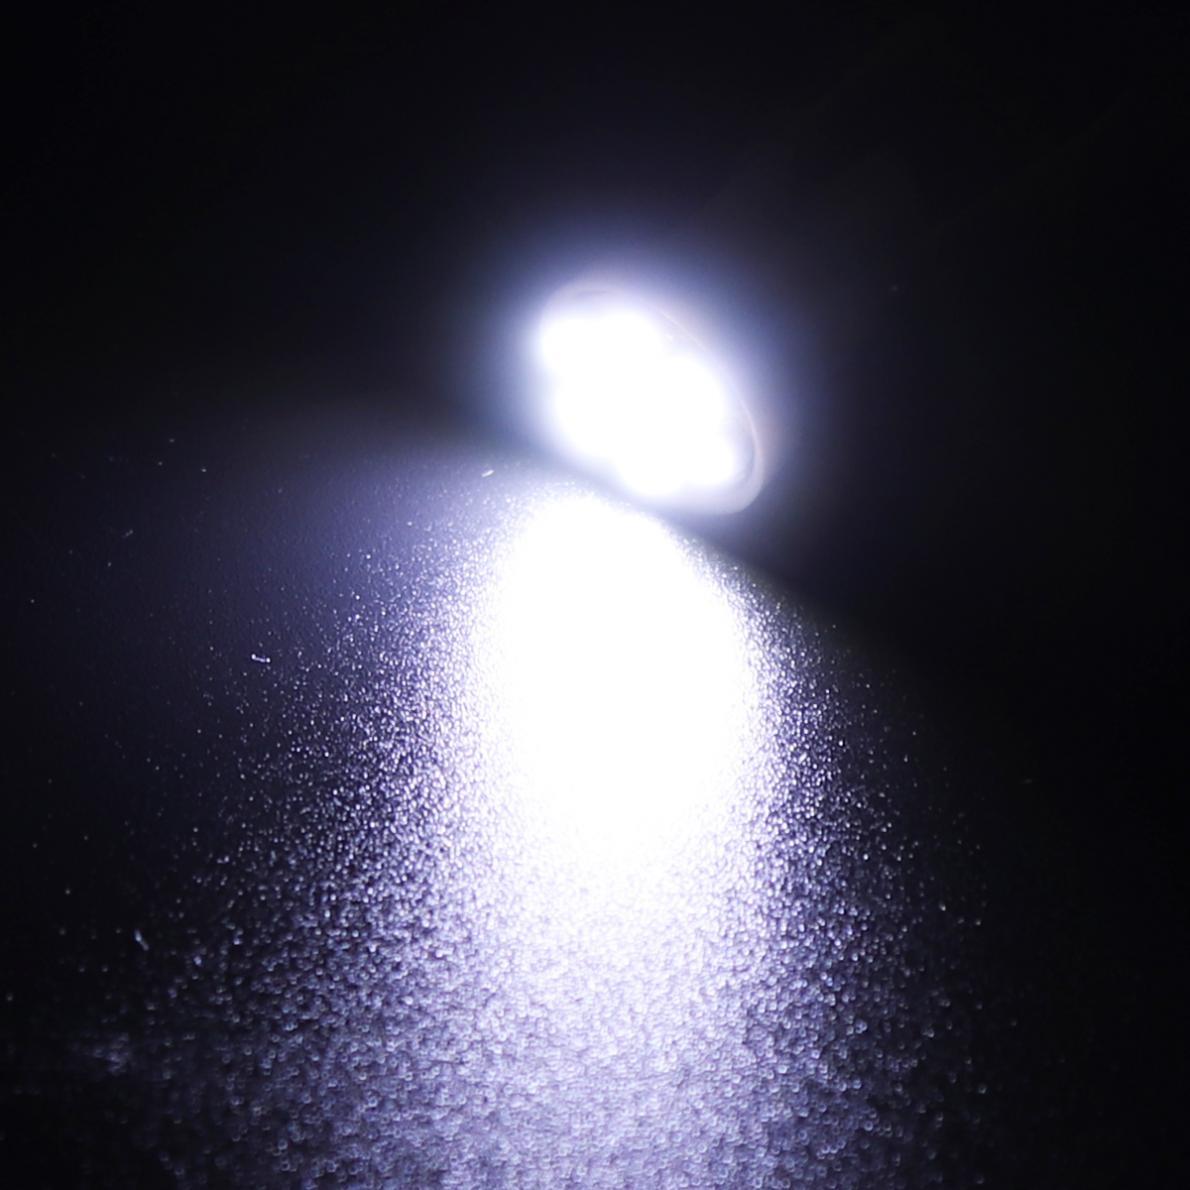 20 12V W5W T10 194 168 2825 501 192 158 White LED Side Car Wedge Light Lamp Bulb 9